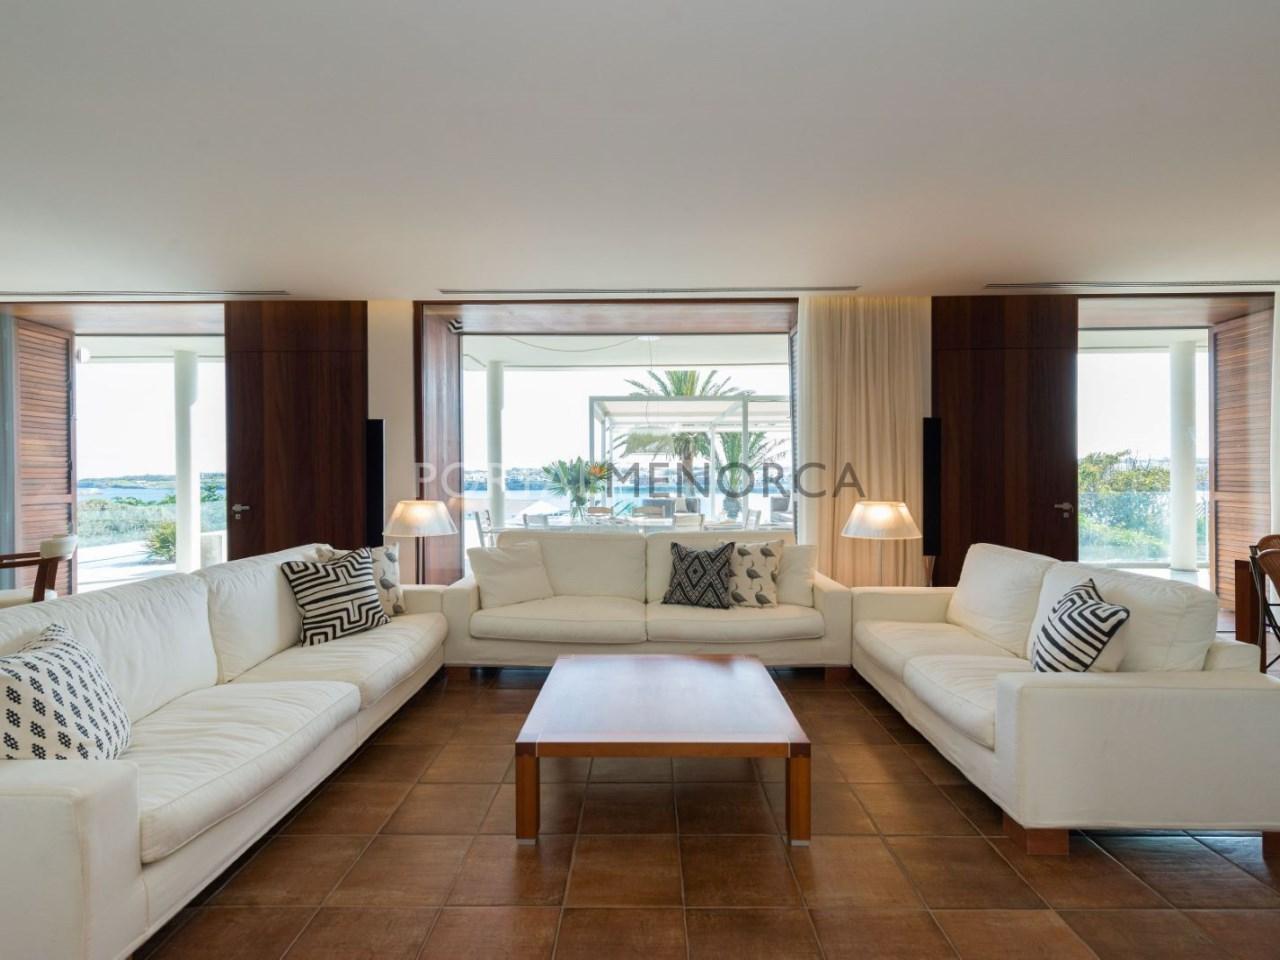 acheter-maison-luxe-menorca (7)